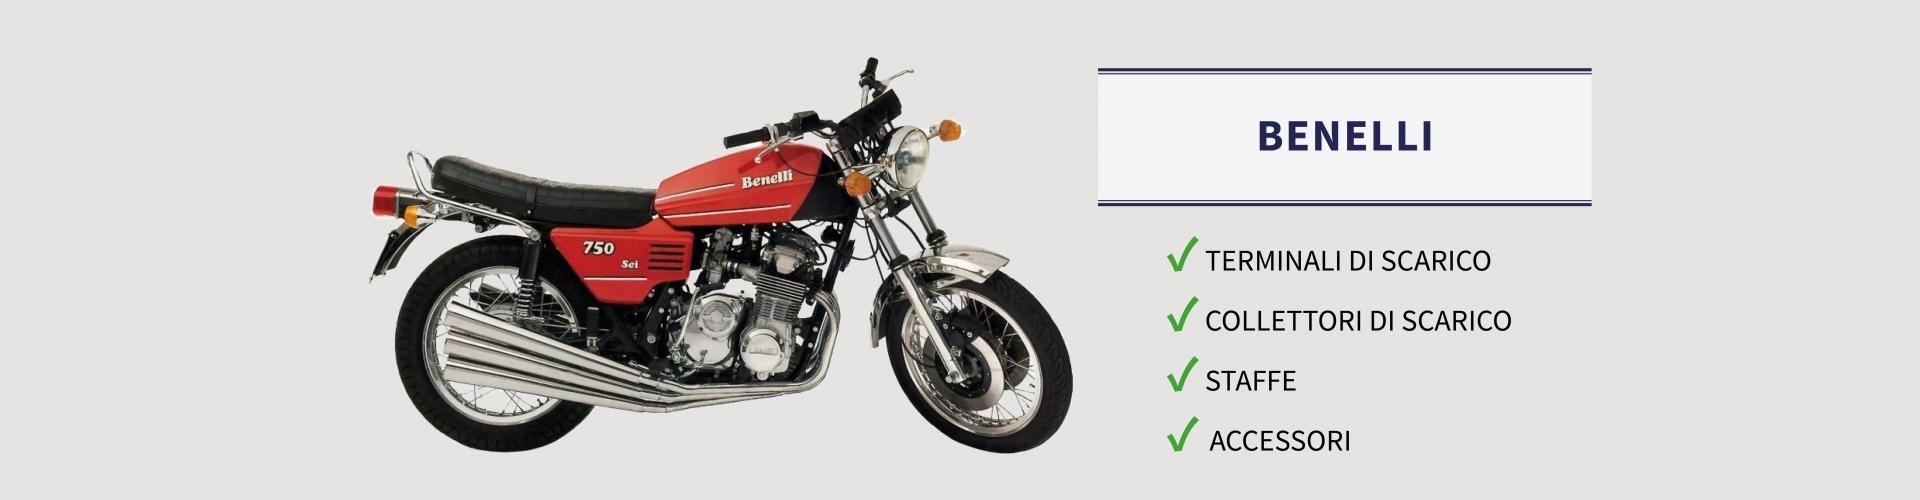 moto-storiche-italiane-terminali-moto-epoca-benelli-750-rid